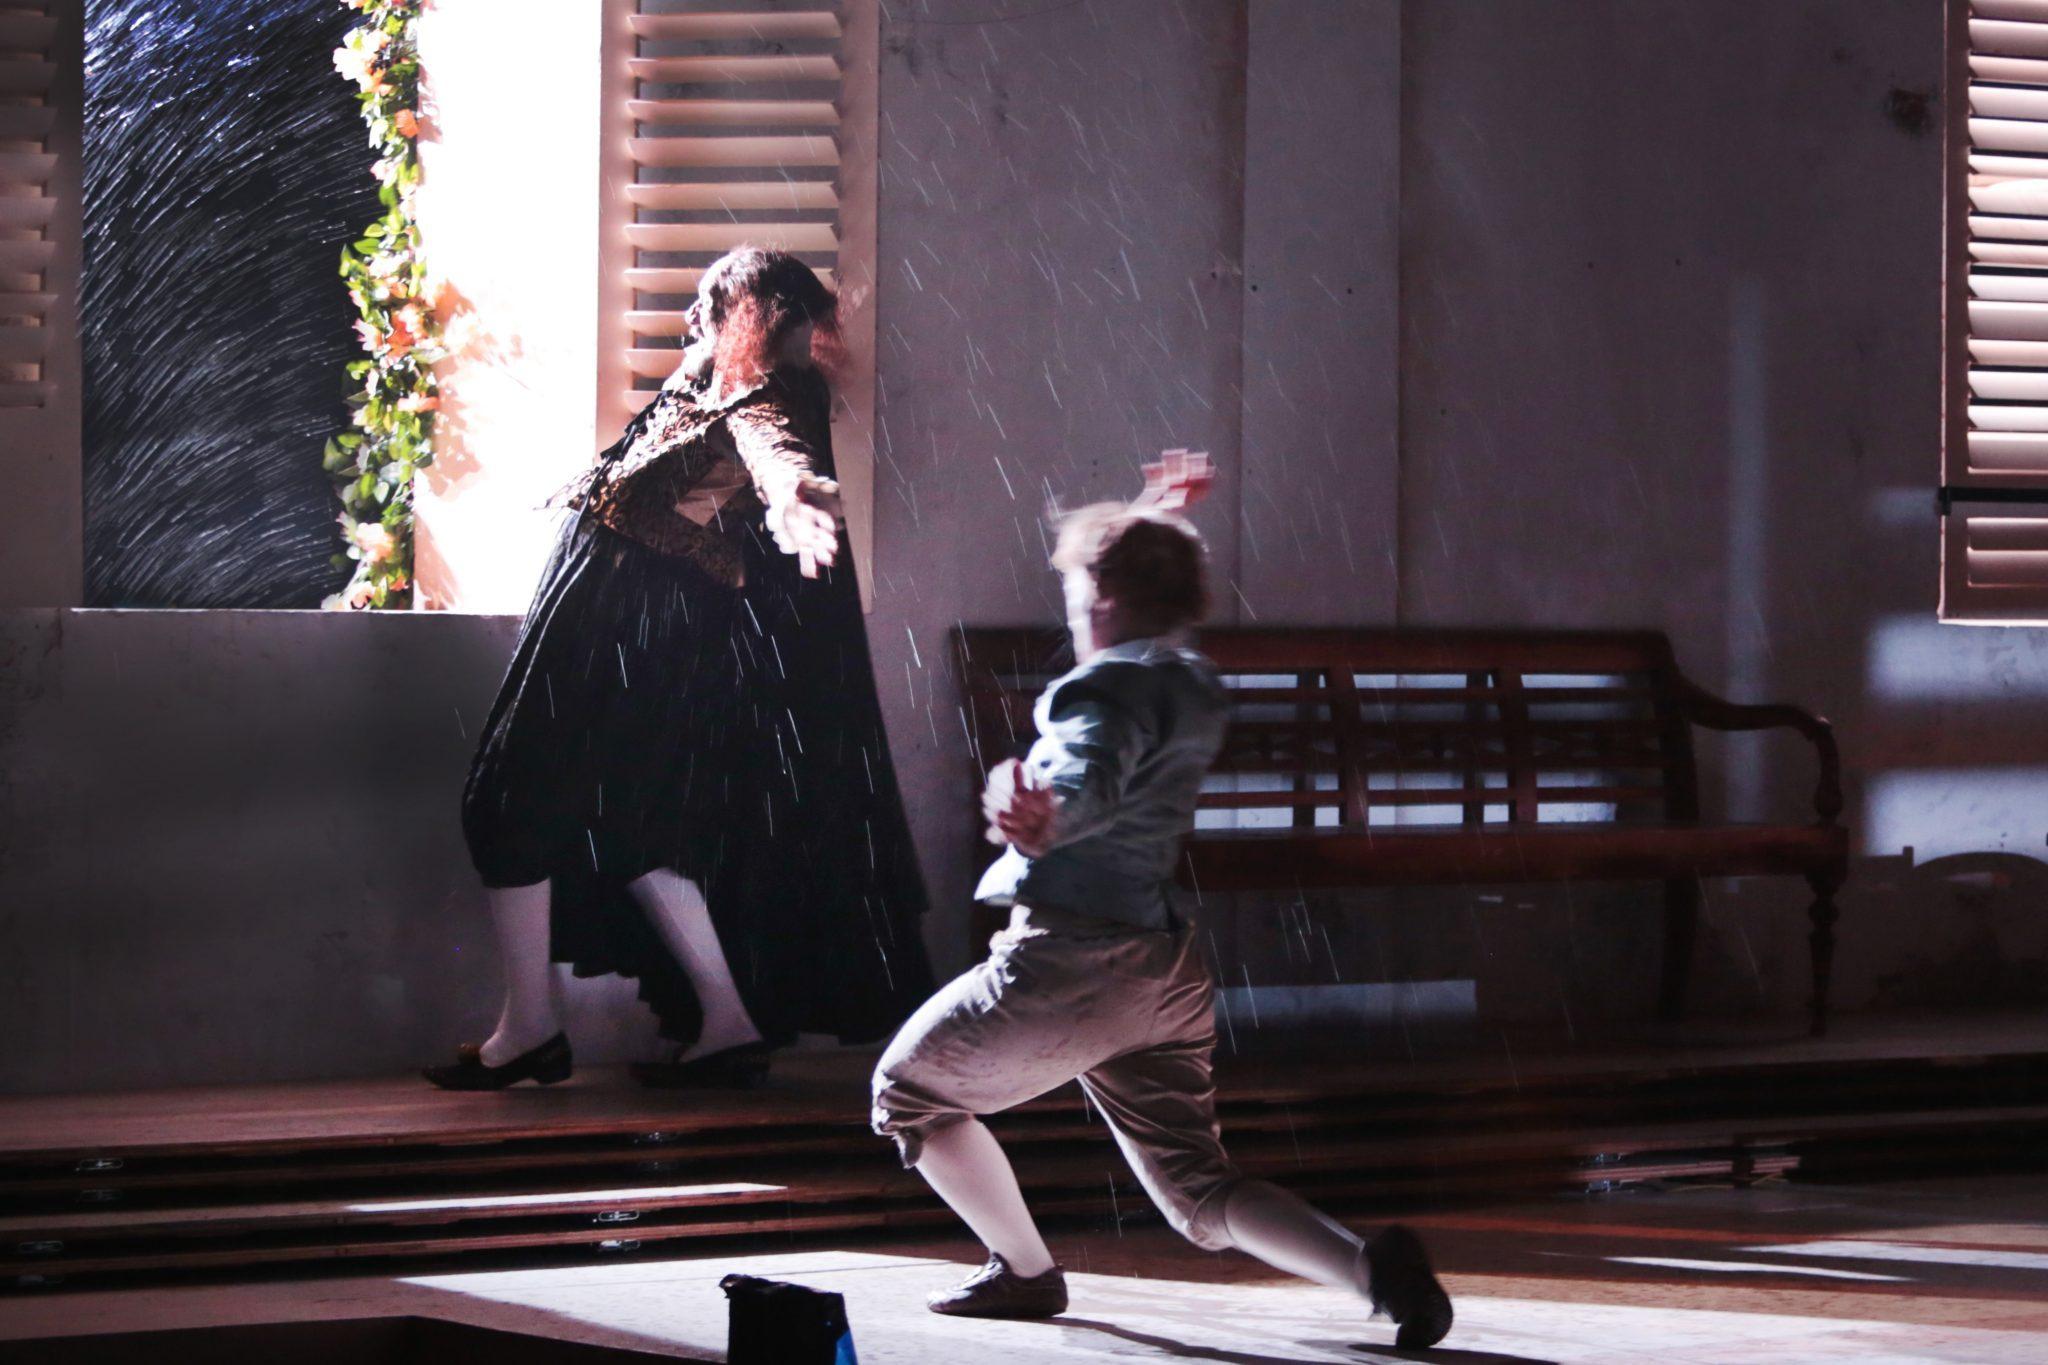 Une chambre en Inde du Théâtre du Soleil Ariane Mnouchkine image-6